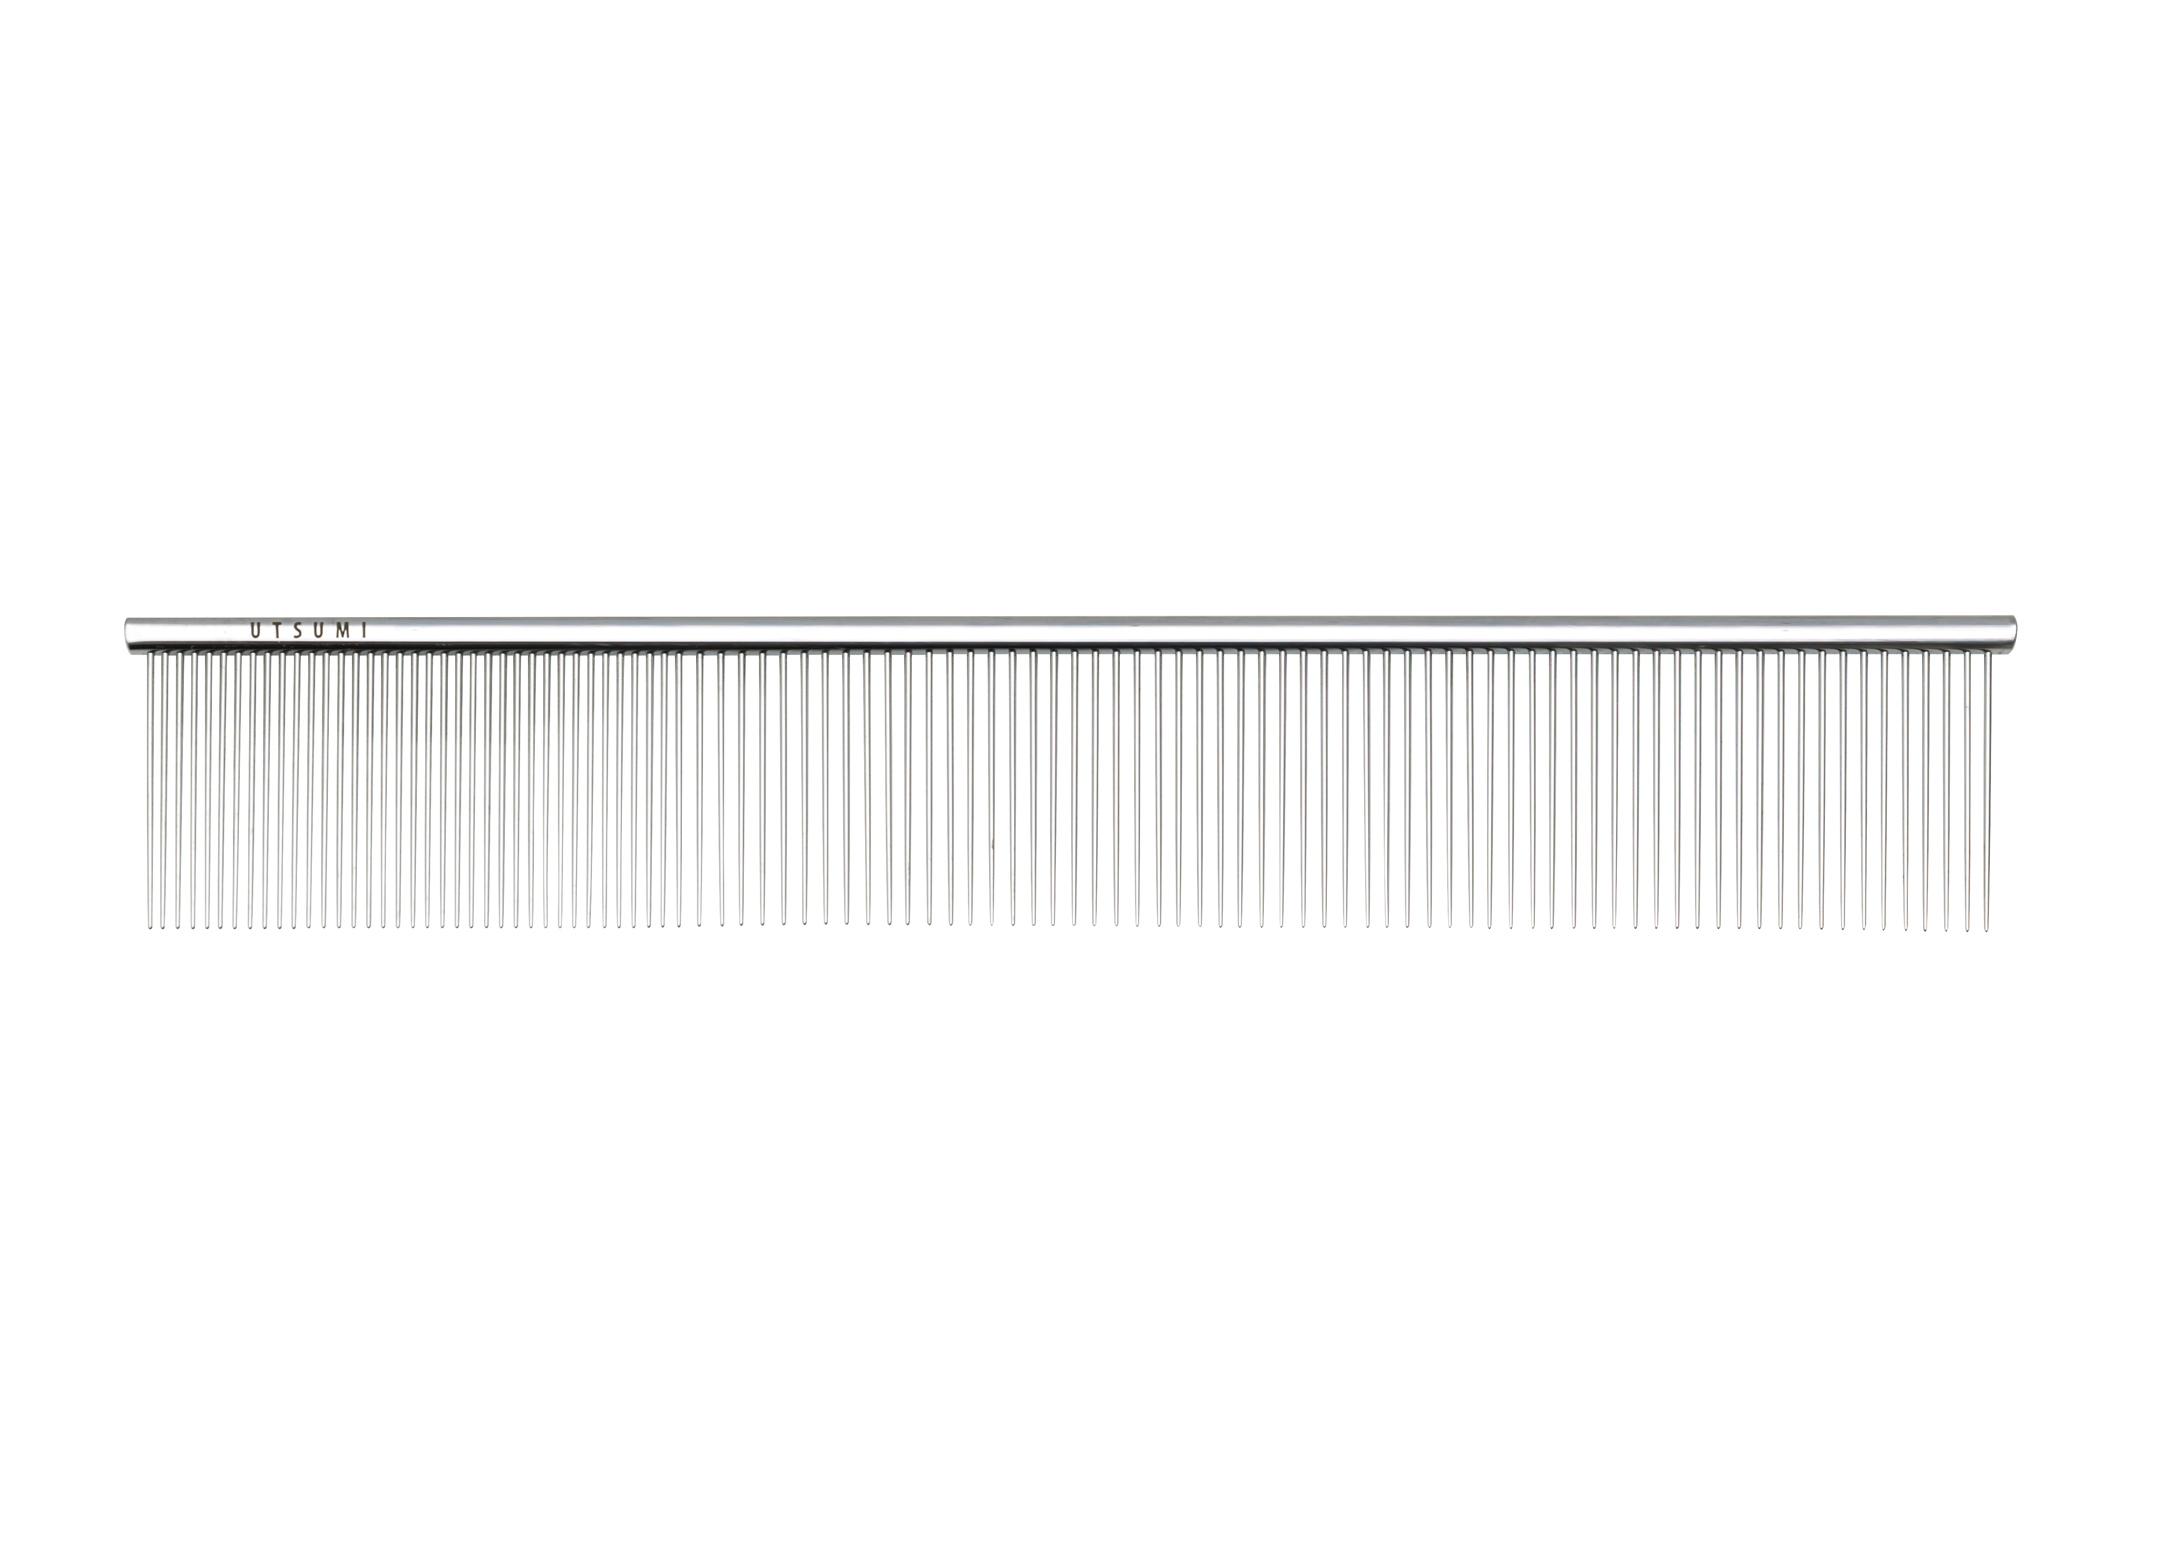 Utsumi U&U Wide Quarter SS Comb 23cm Comb